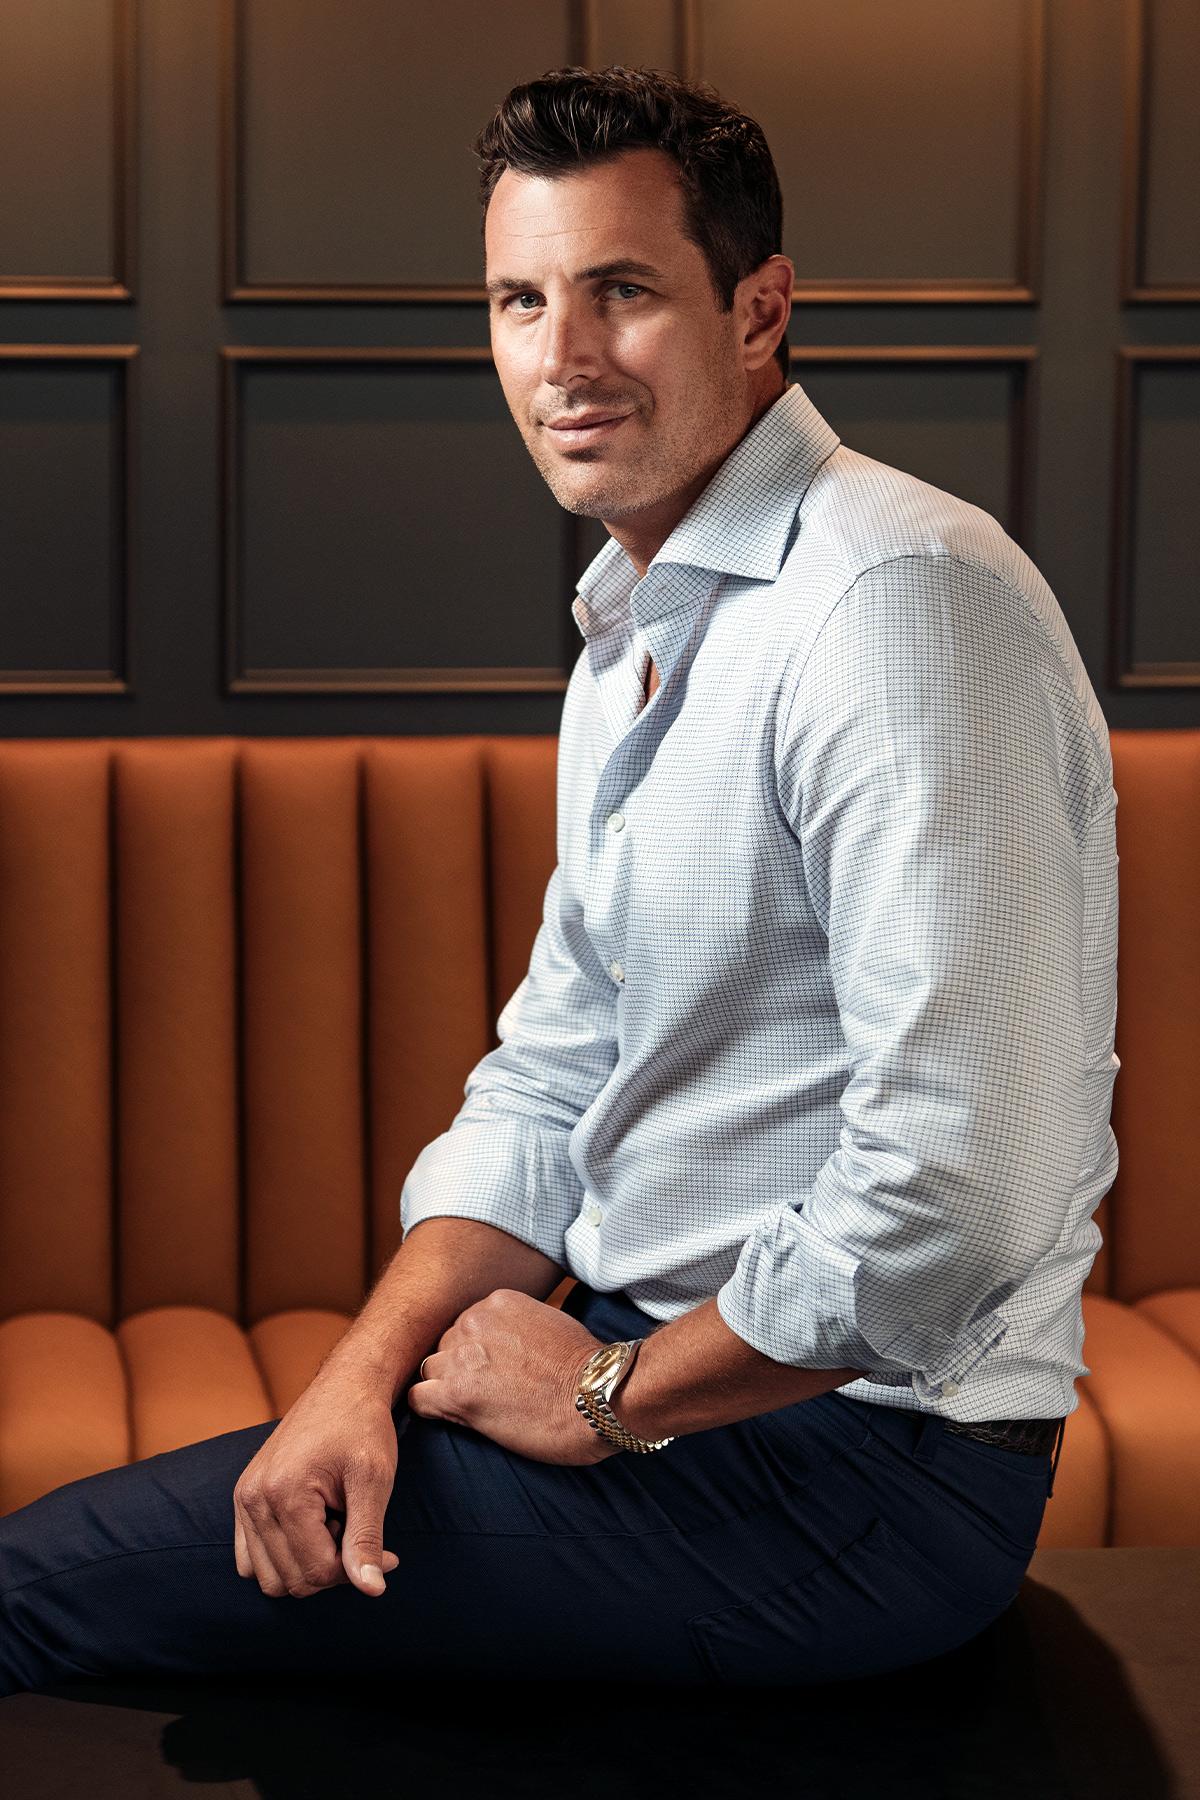 John-Paul-Merritt-Founder-CEO-of-Pony-Oil